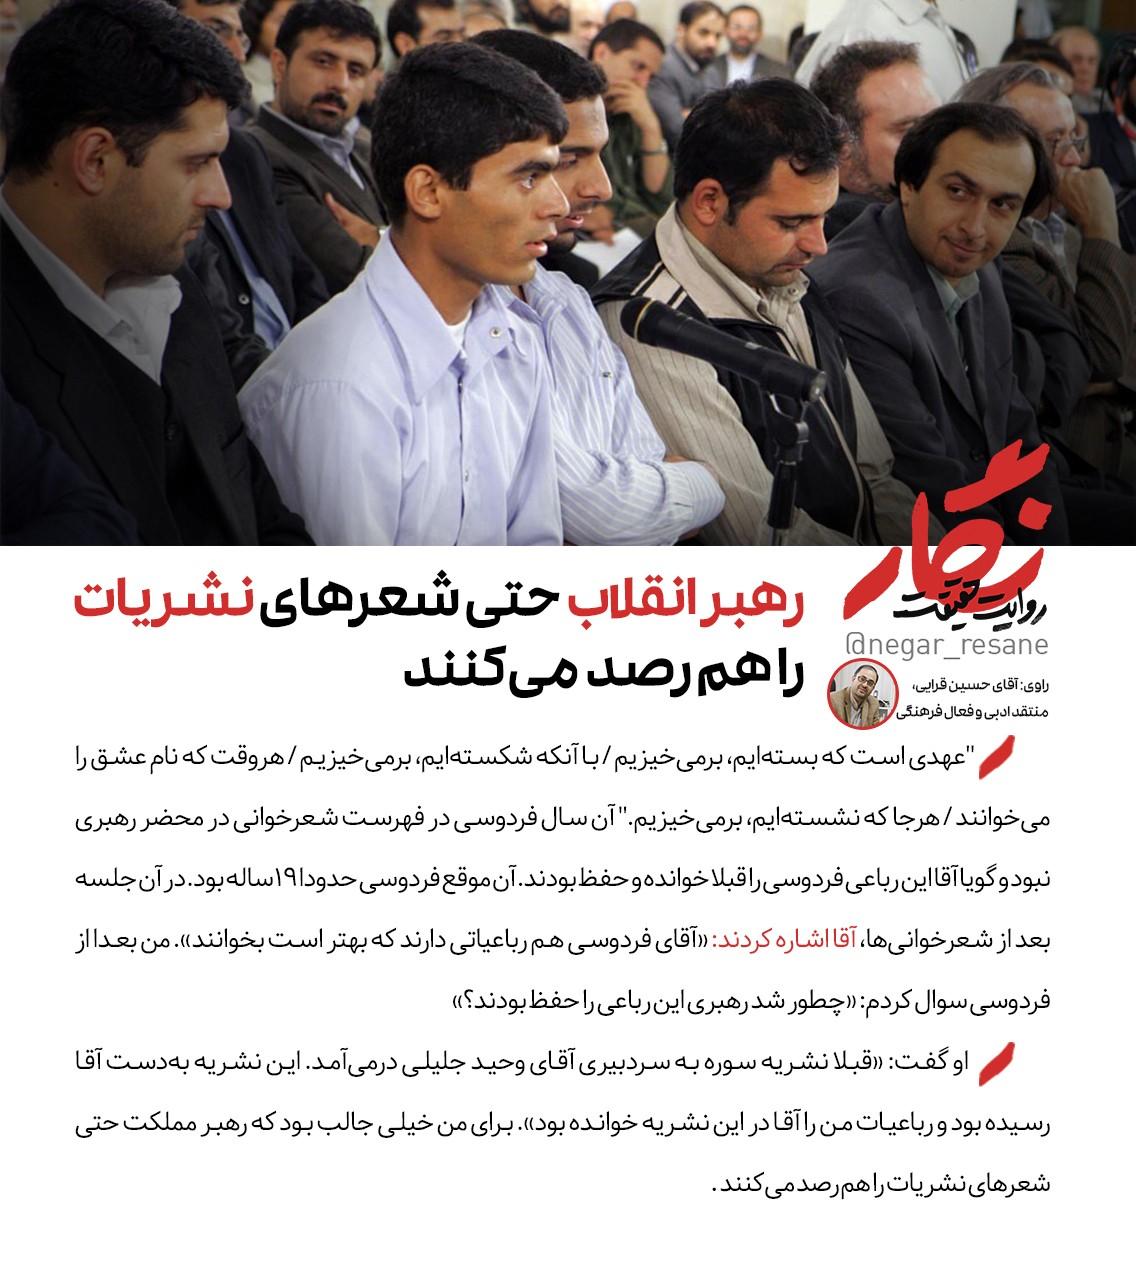 رهبر انقلاب حتی شعرهای نشریات را هم رصد میکنند +عکسنوشته